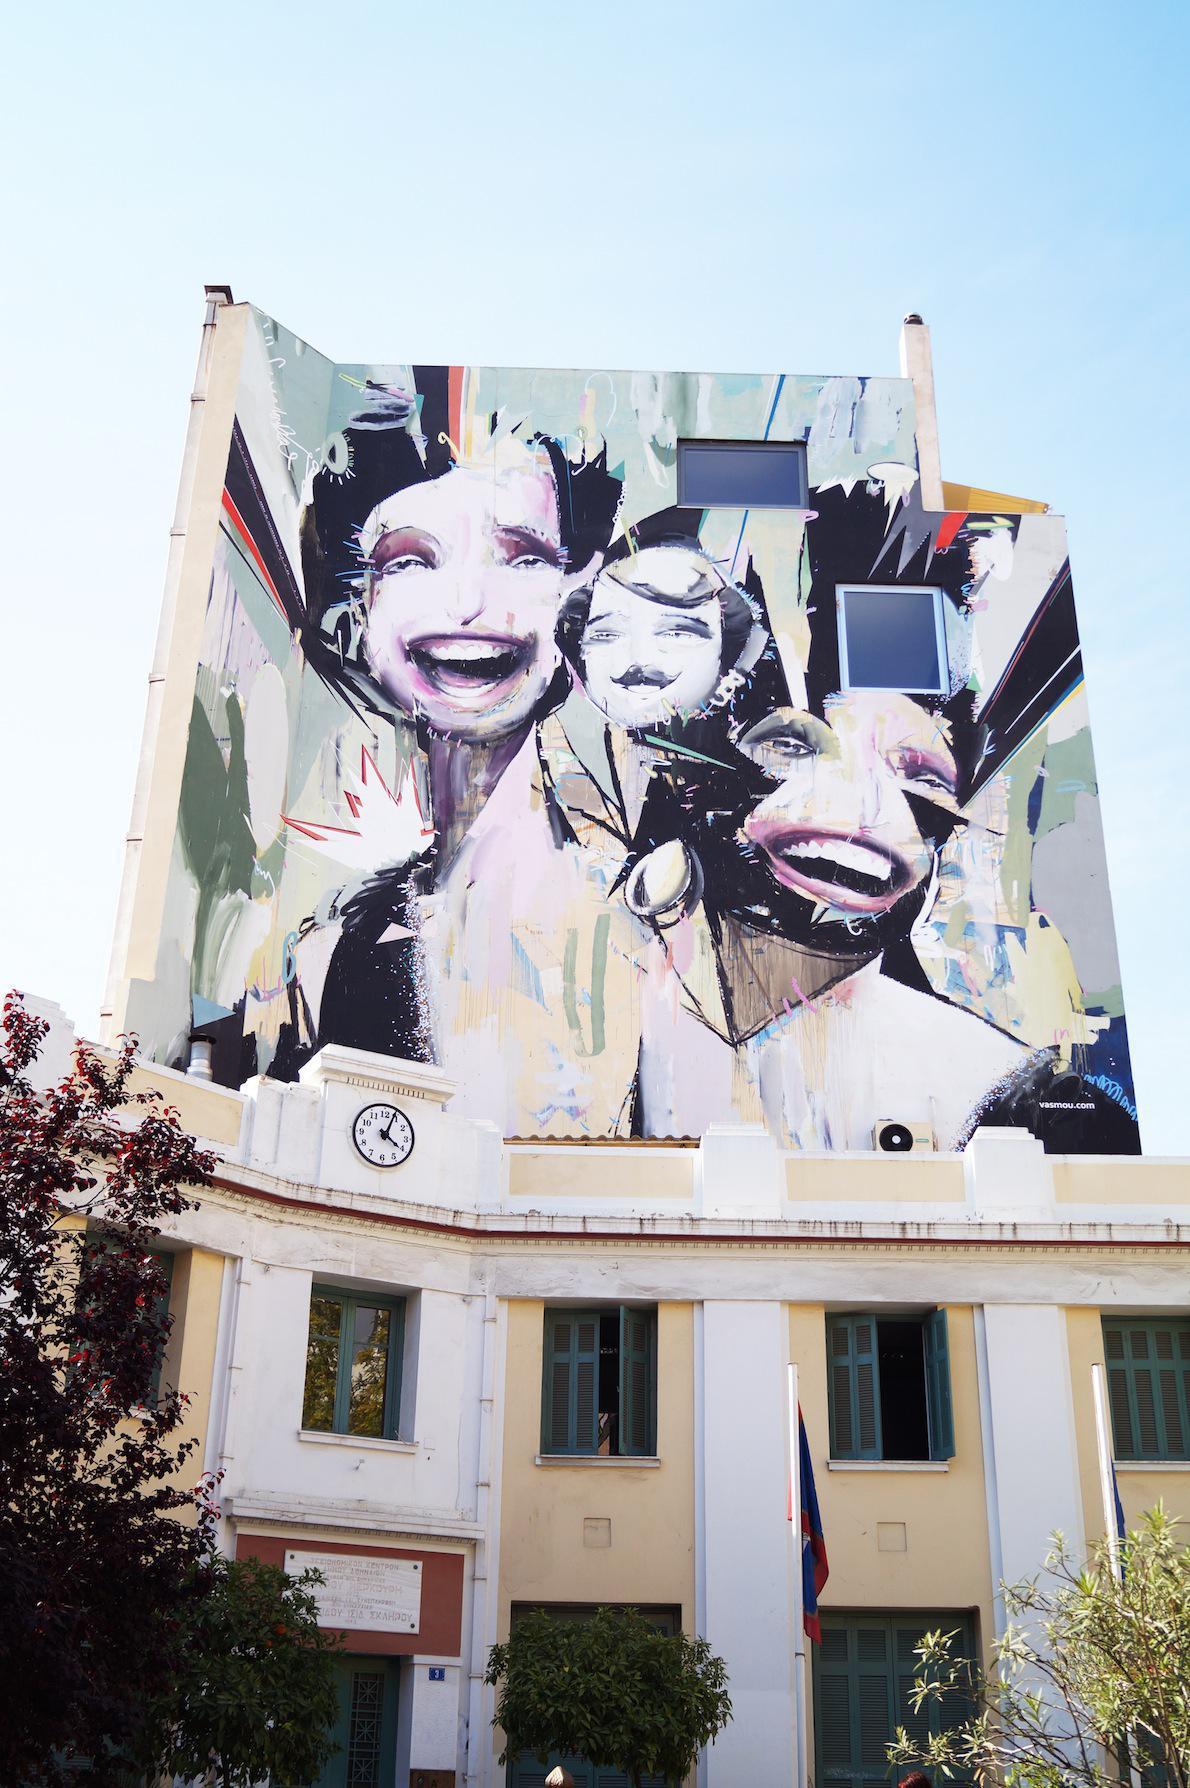 Ψυρρή Writer: Αlexandros Vasmoulakis Ένας από τους πιο αγαπημένους καλλιτέχνες της πόλης και ένα από τα πιο όμορφα έργα του. Mixed Media http://www.vasmou.com